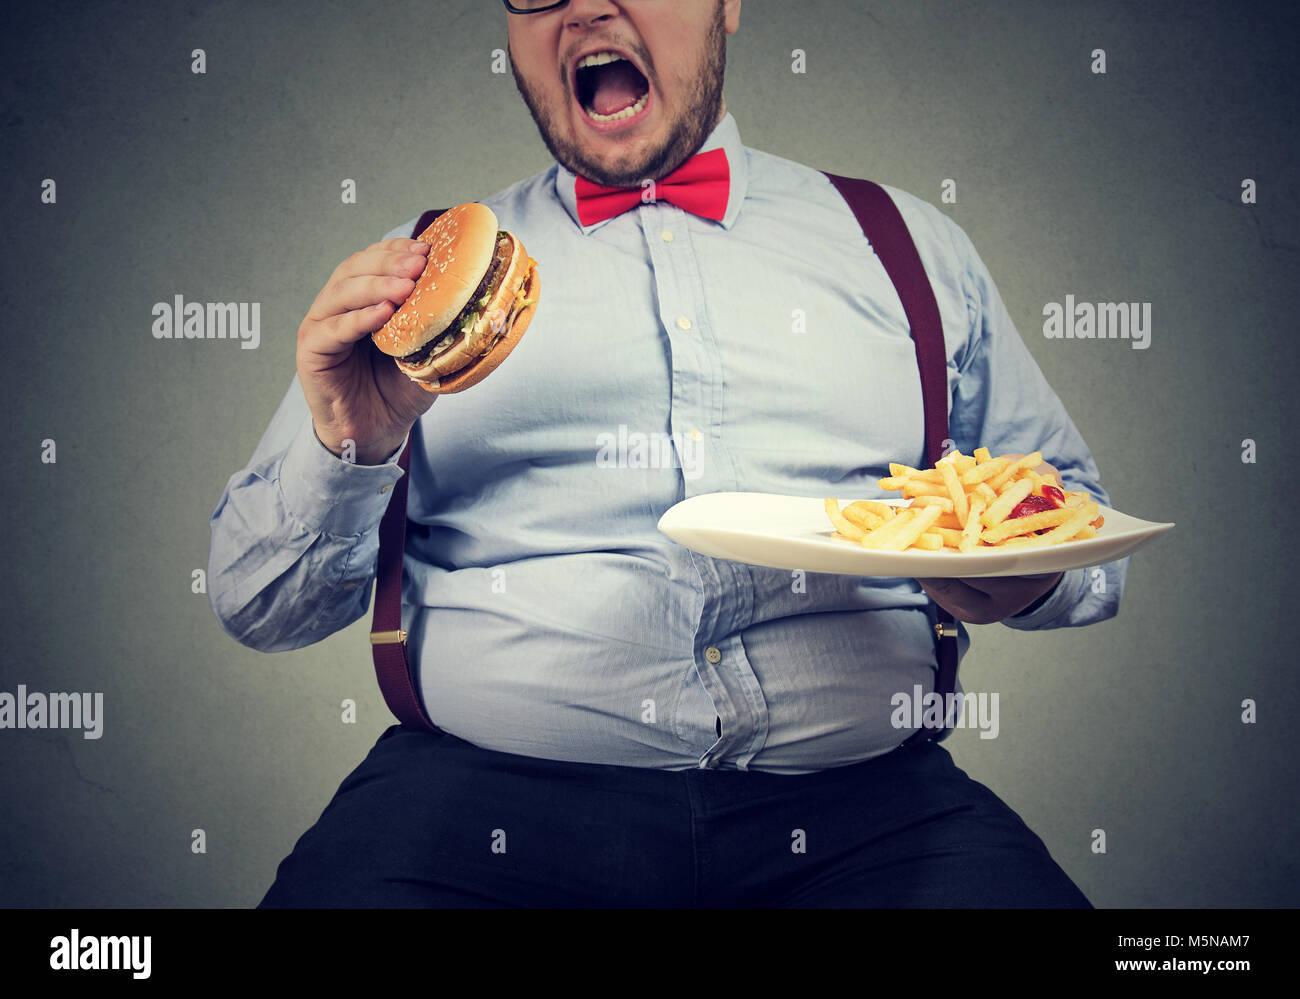 Grande uomo in abiti formali seduto e consumando la piastra con il fast food in grigio. Immagini Stock